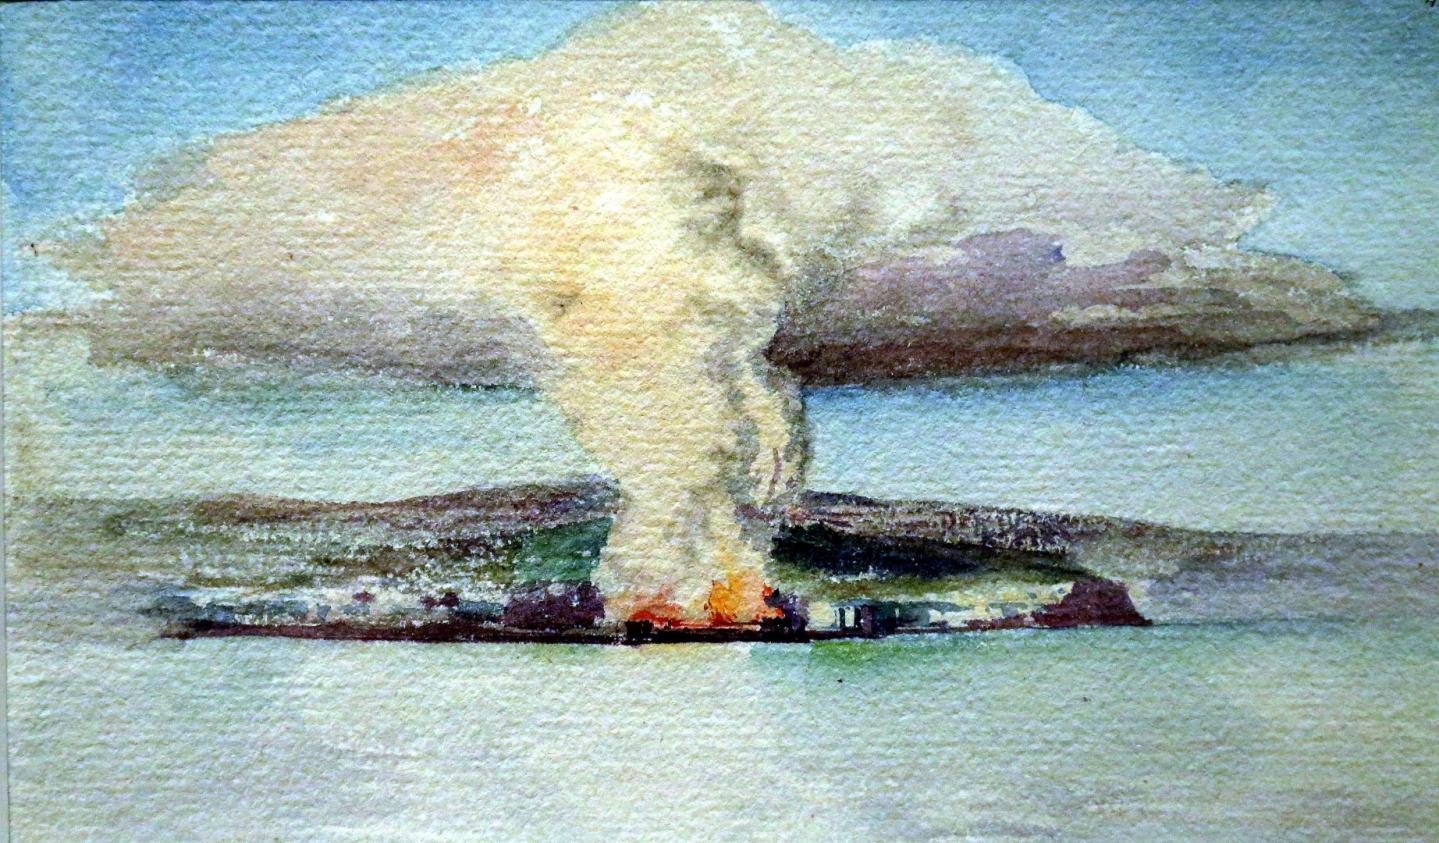 Il avait brûlé en 1883, quelques jours avant son inauguration.